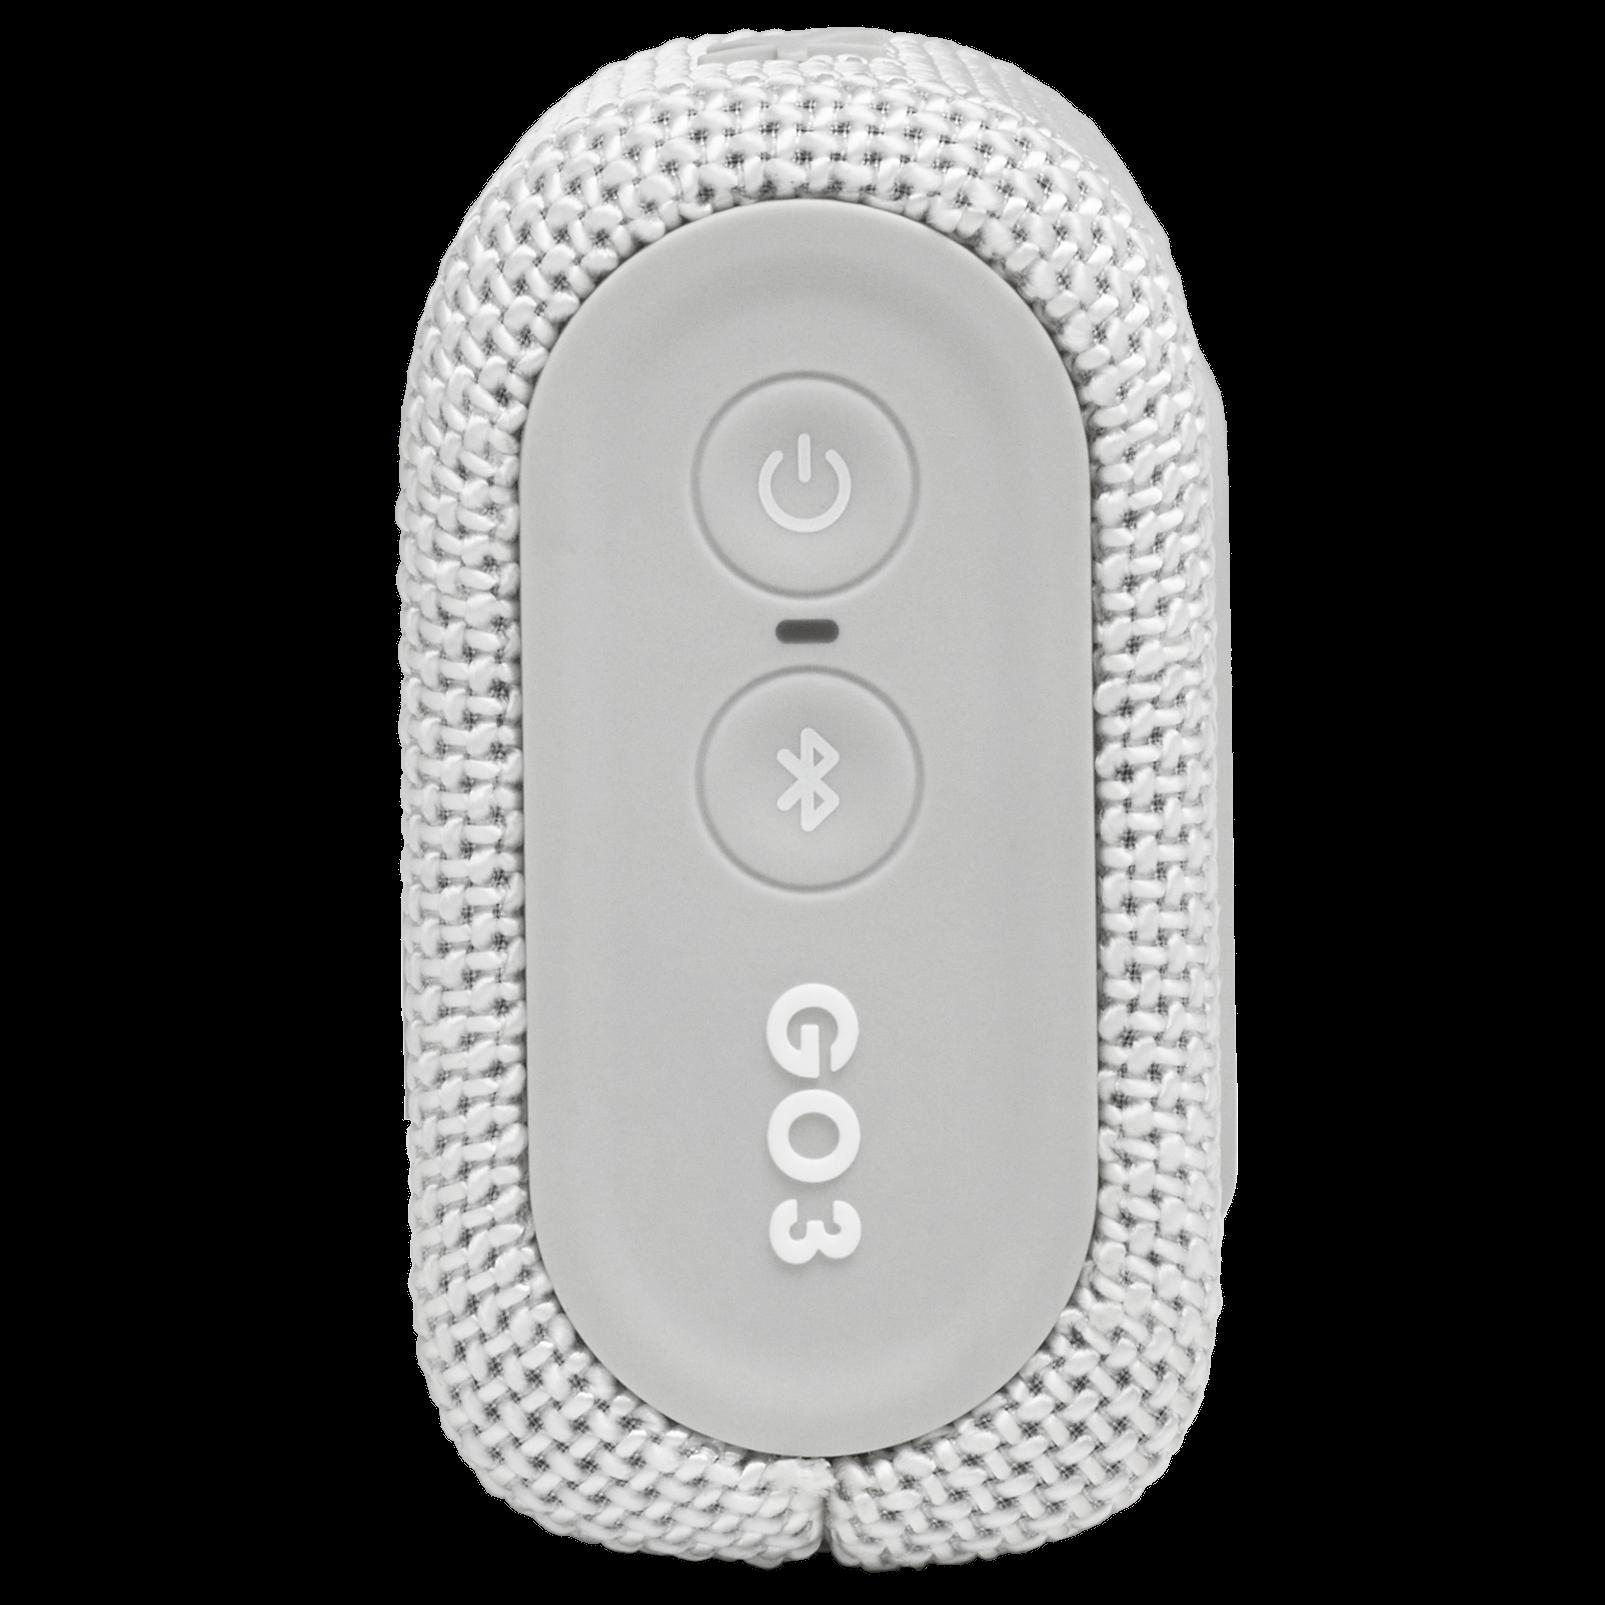 JBL GO 3 - White - Portable Waterproof Speaker - Right